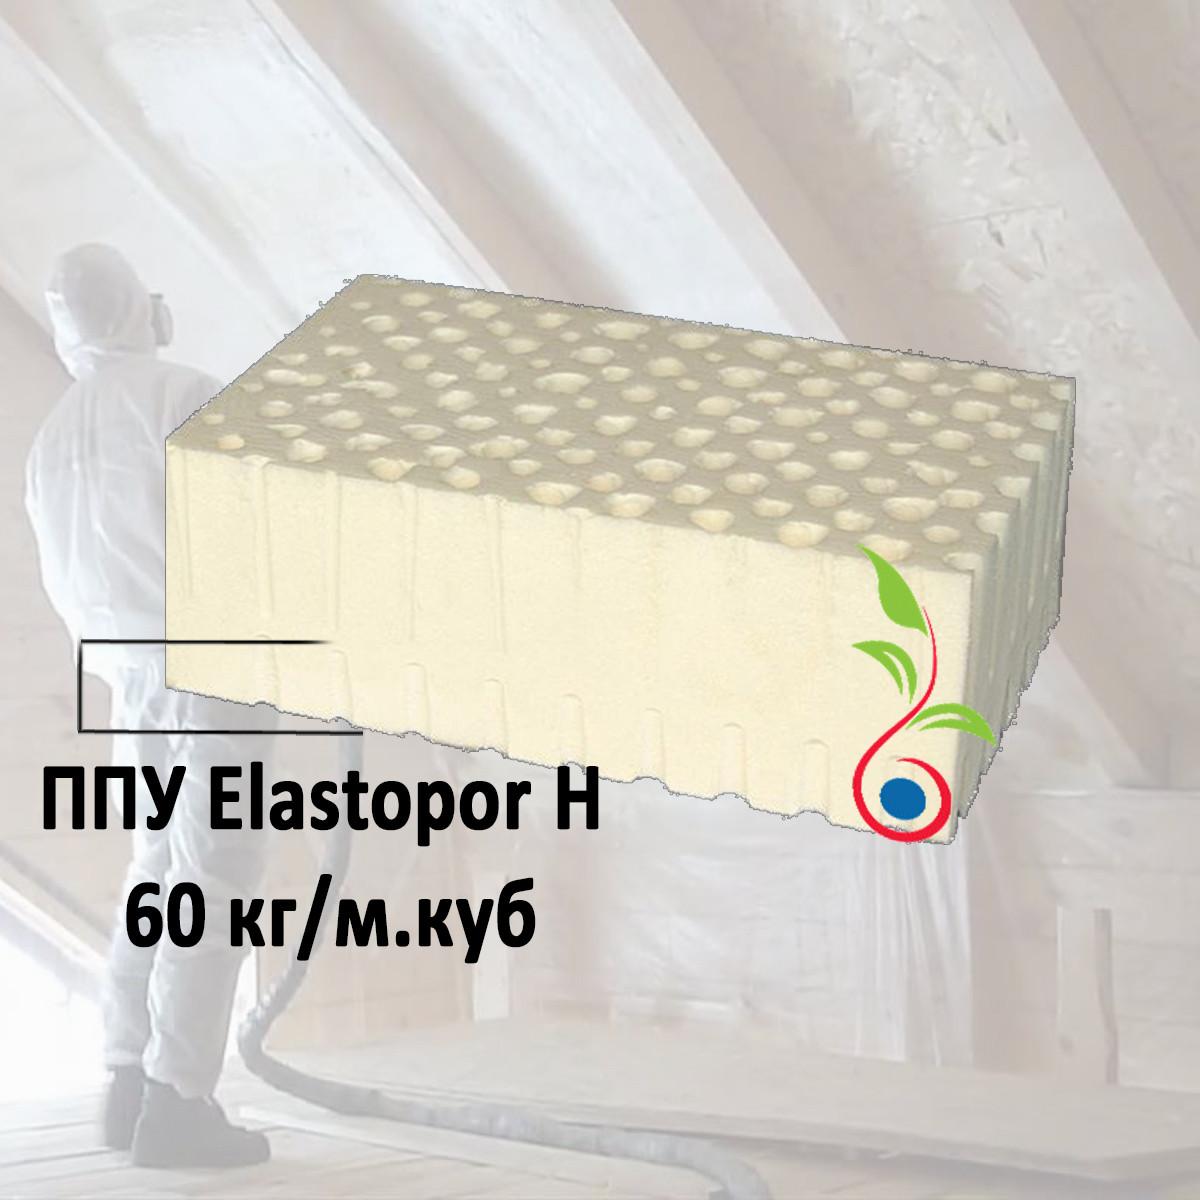 Теплоизоляция Пенополиуретаном Elastopor H 60 кг/м.куб многоэтажек